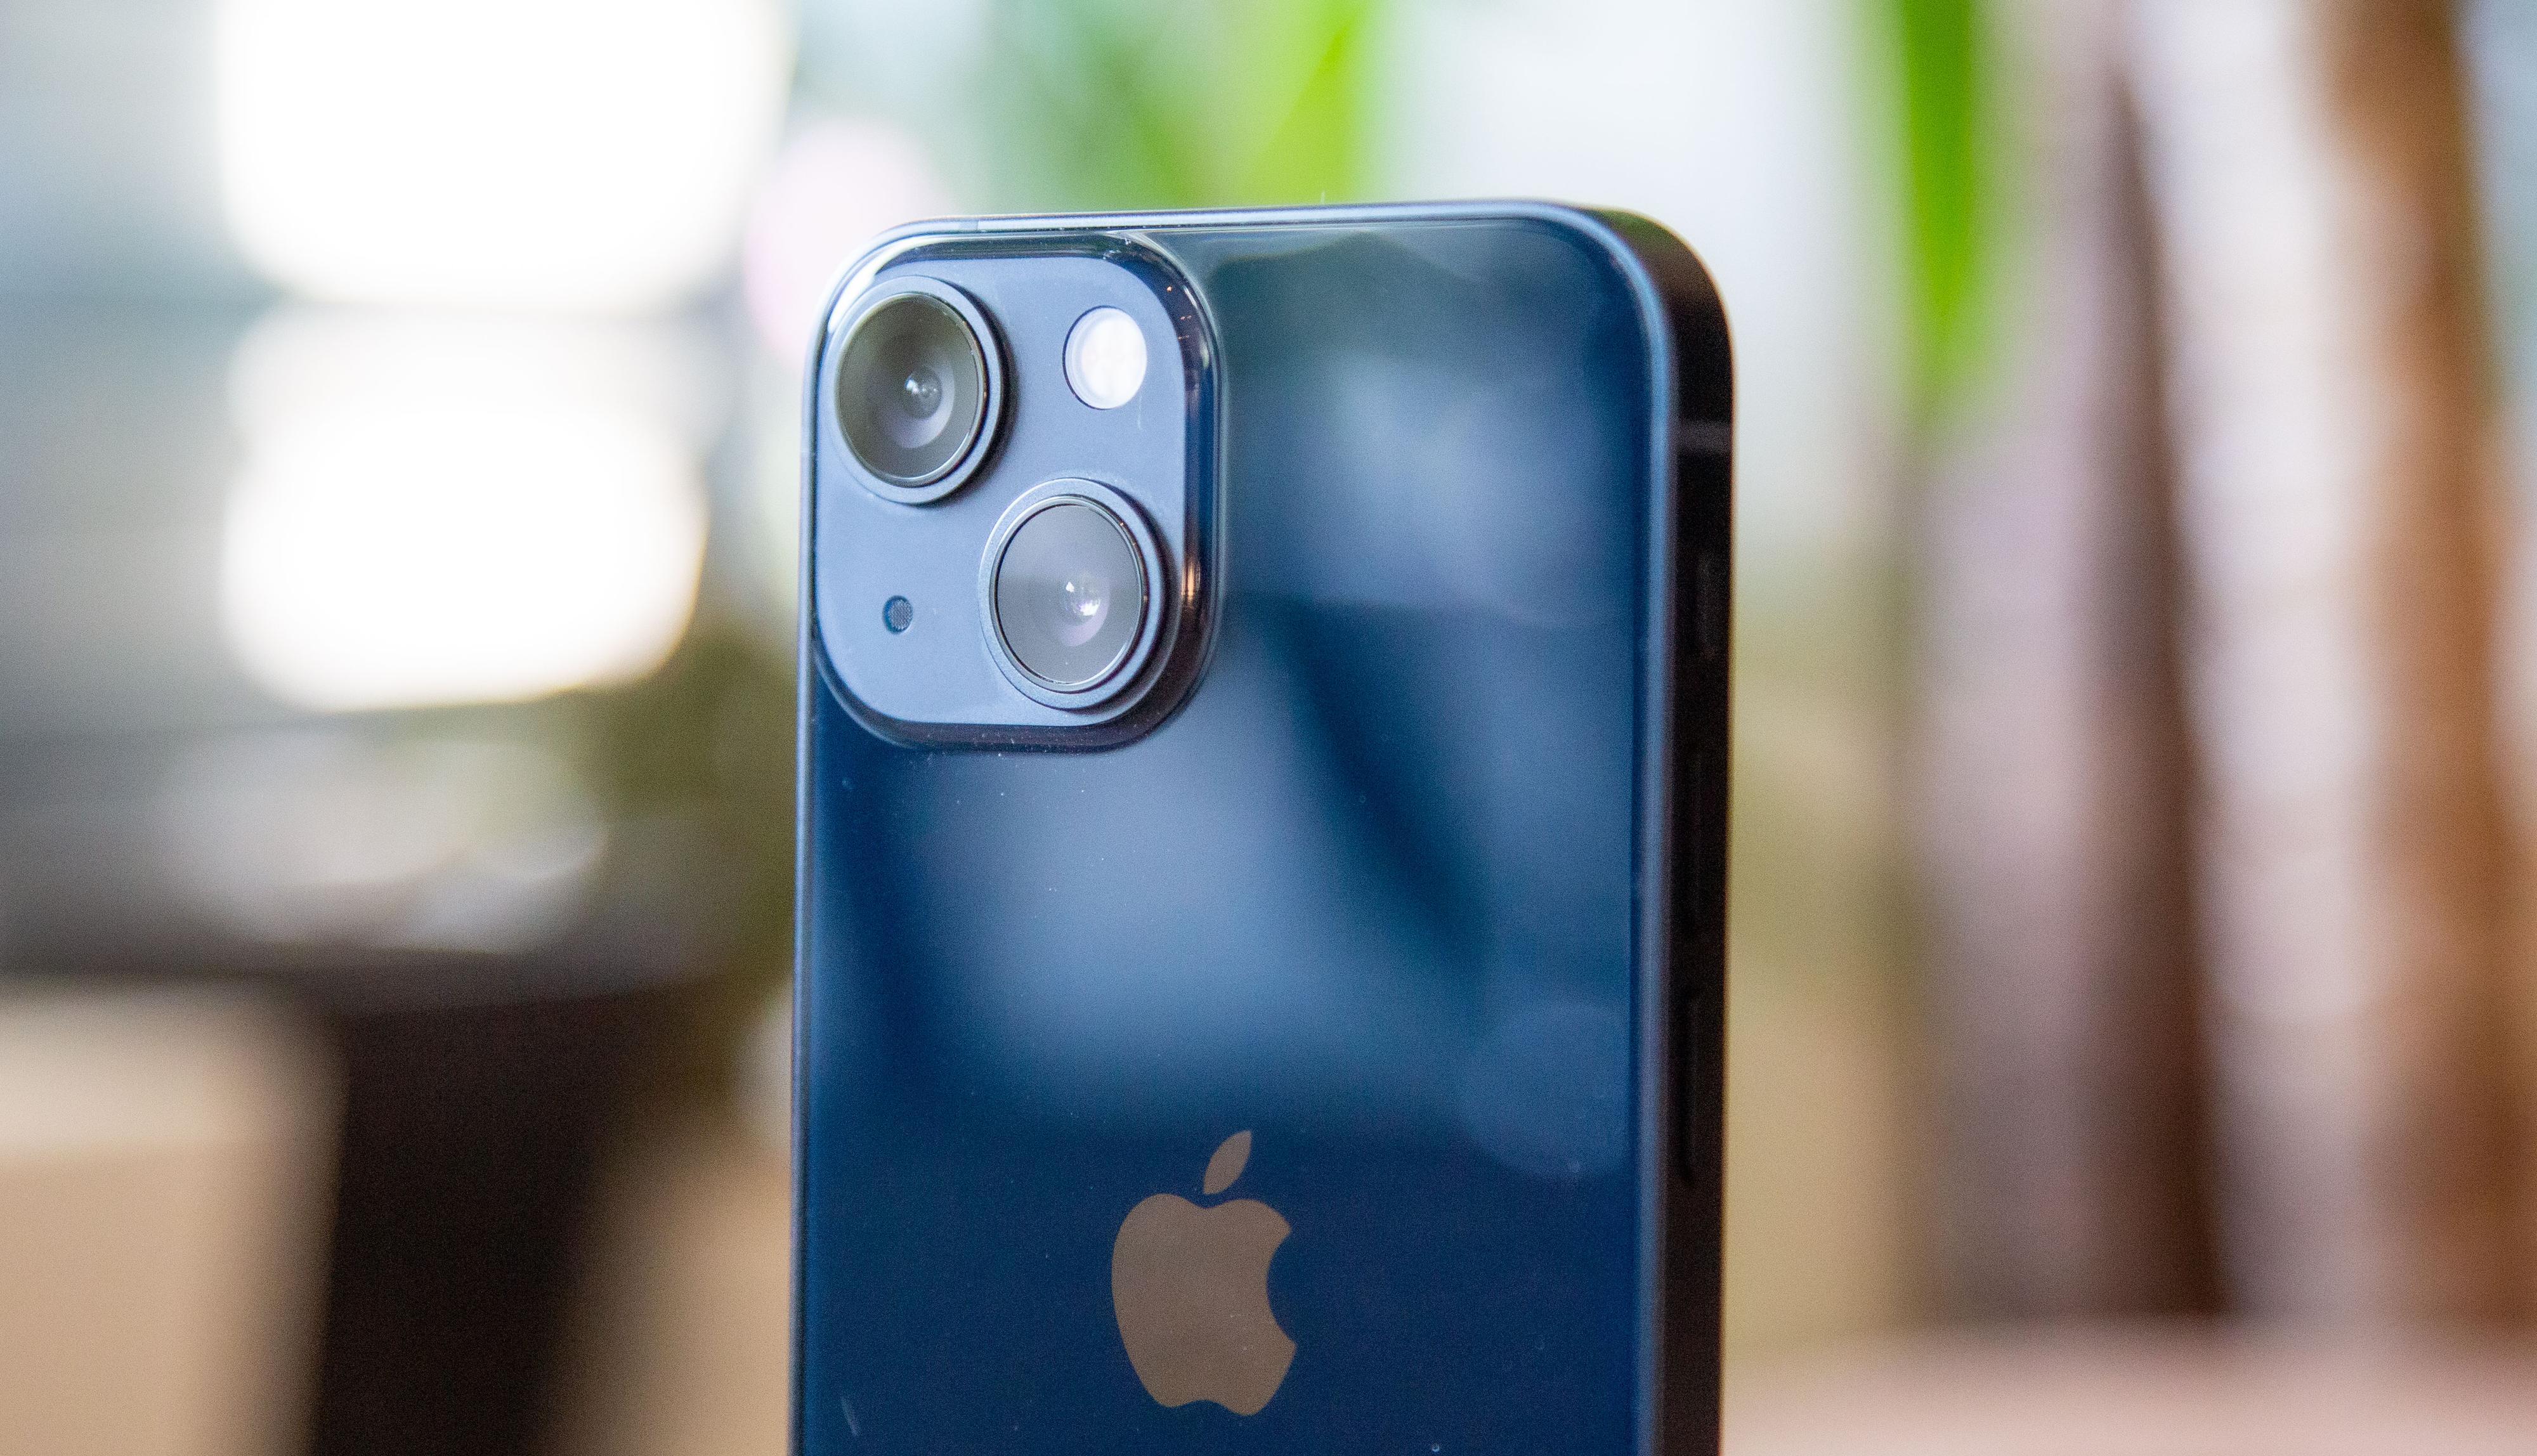 Hovedkameraet er hentet fra fjorårets iPhon 12 Pro Max. Det betyr at hele bildebrikken flytter på seg, og at hver piksel er forholdsvis stor og kan samle mye lys. Det er en vesentlig oppgradering fra  de vanlige iPhone 12-modellene i fjor.